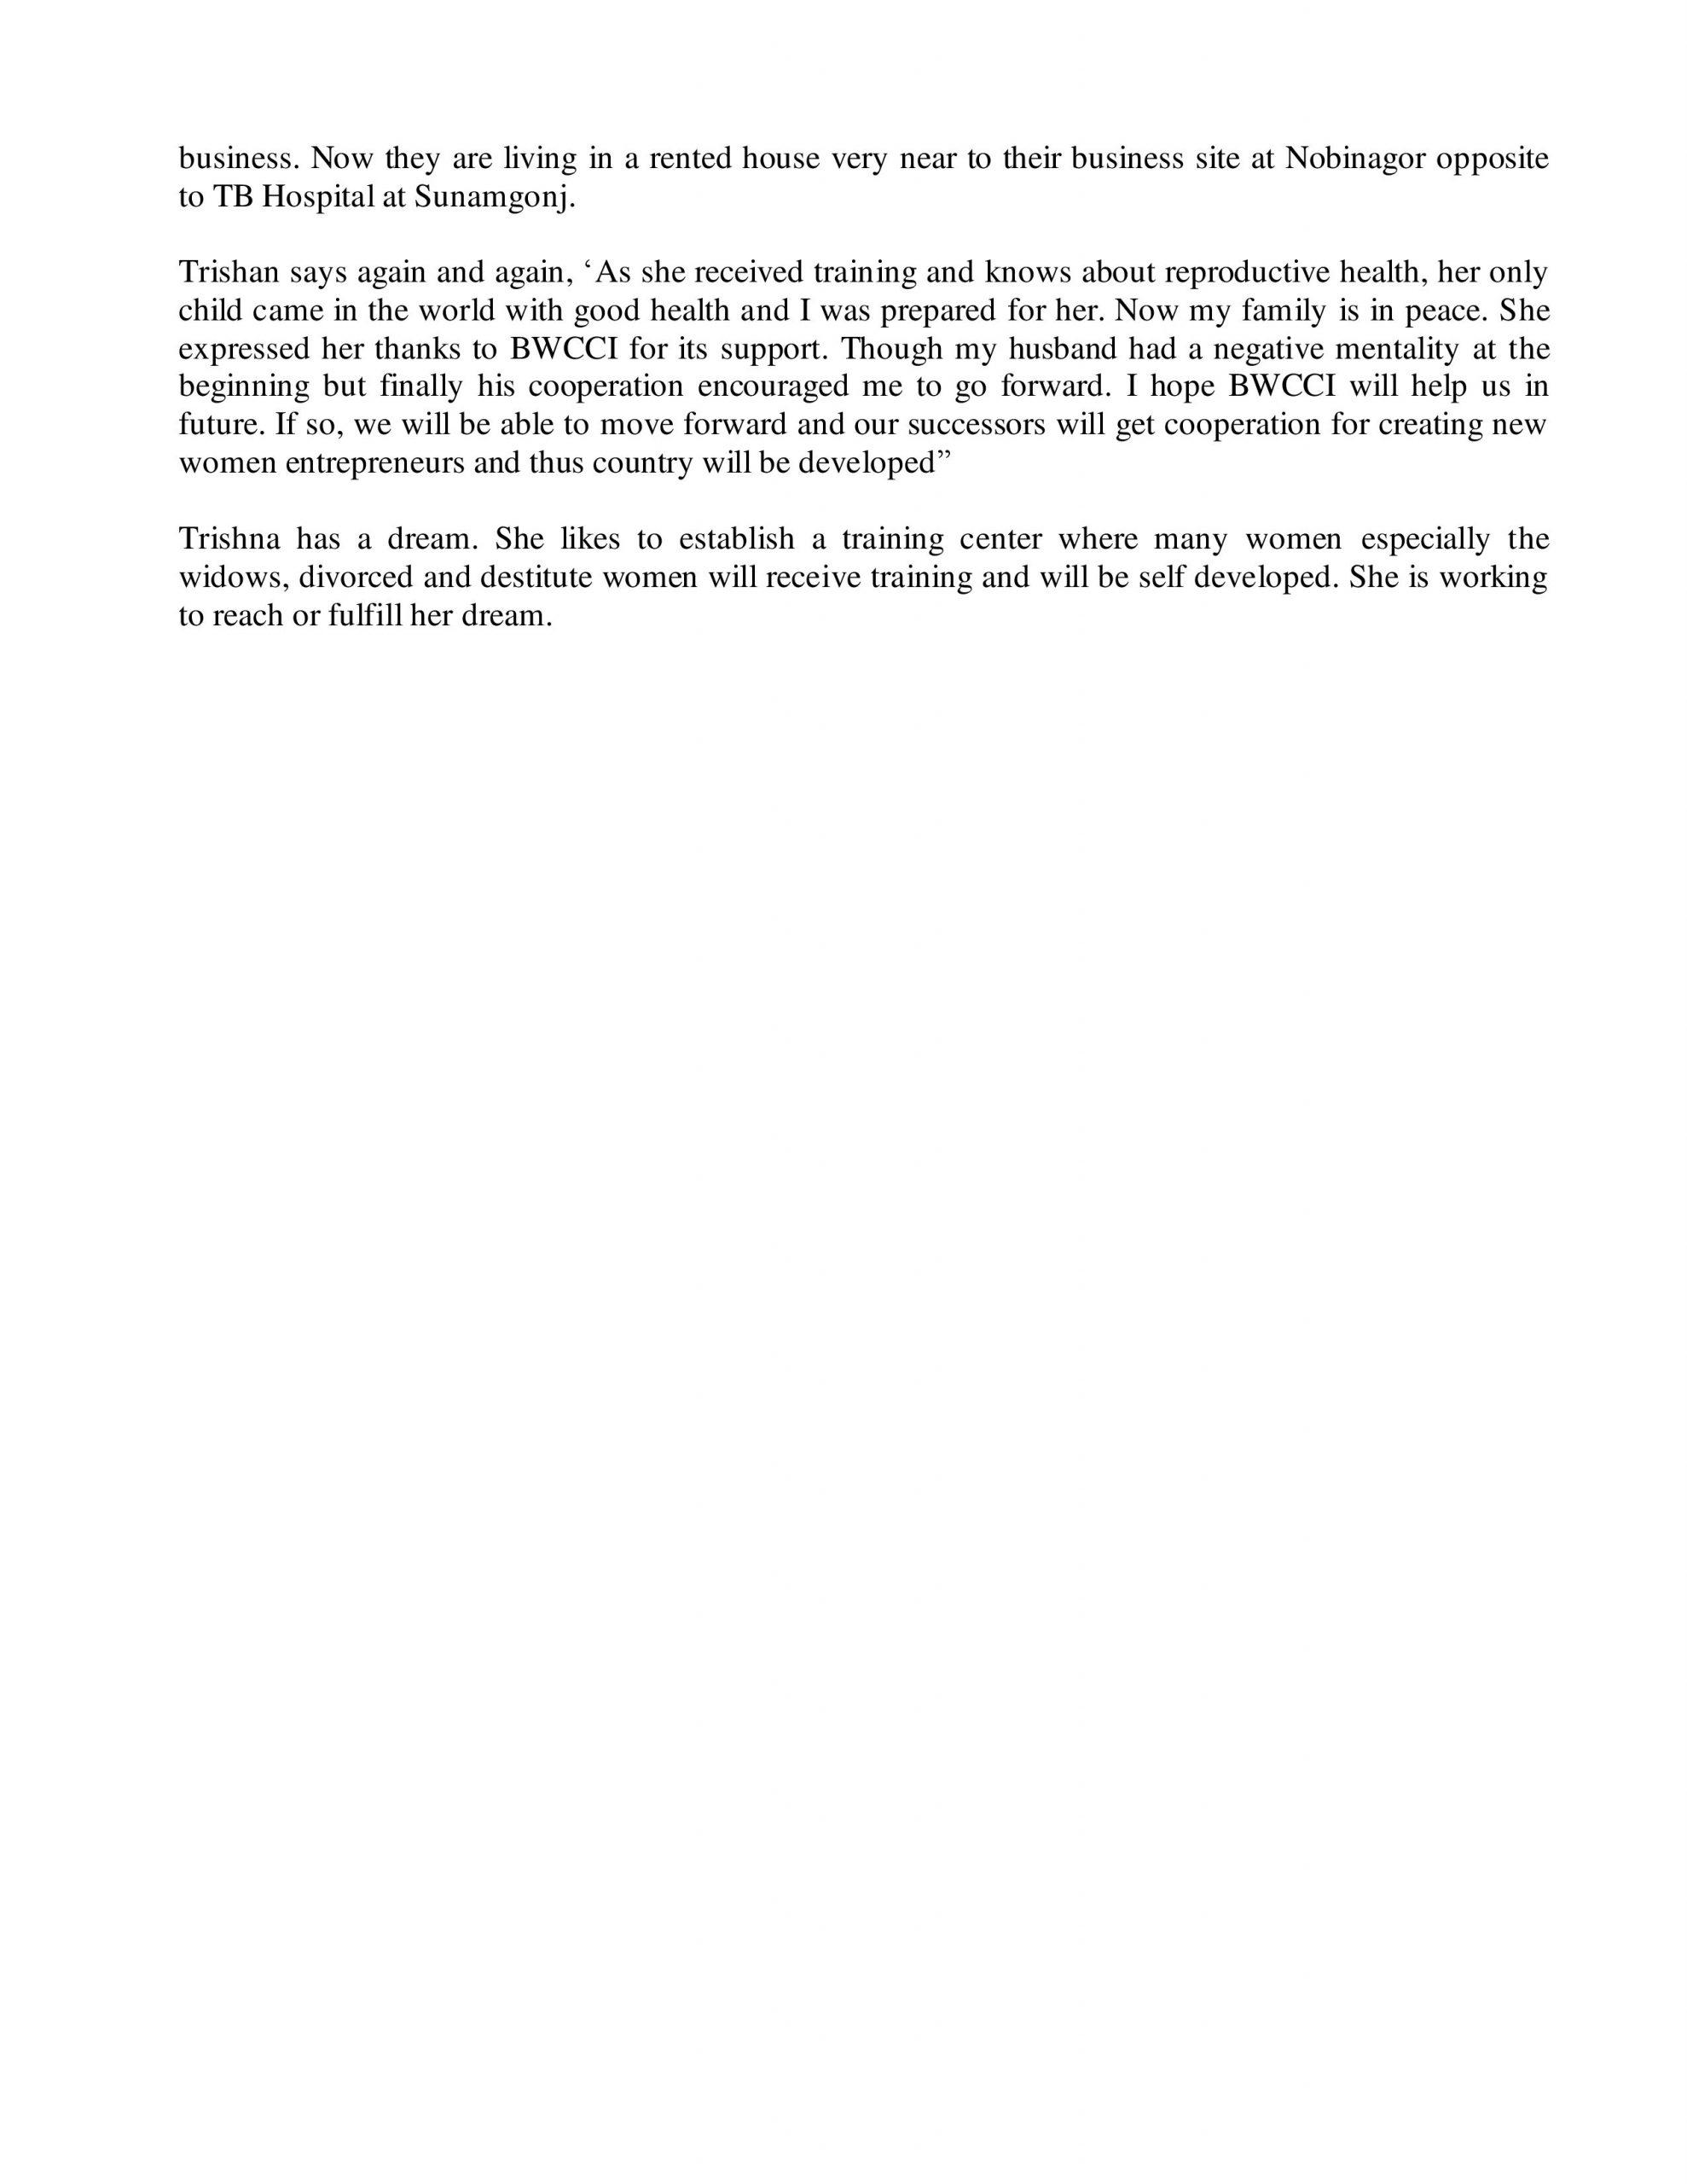 Success story Trishna Hasan Sunamgonj 14012015_3